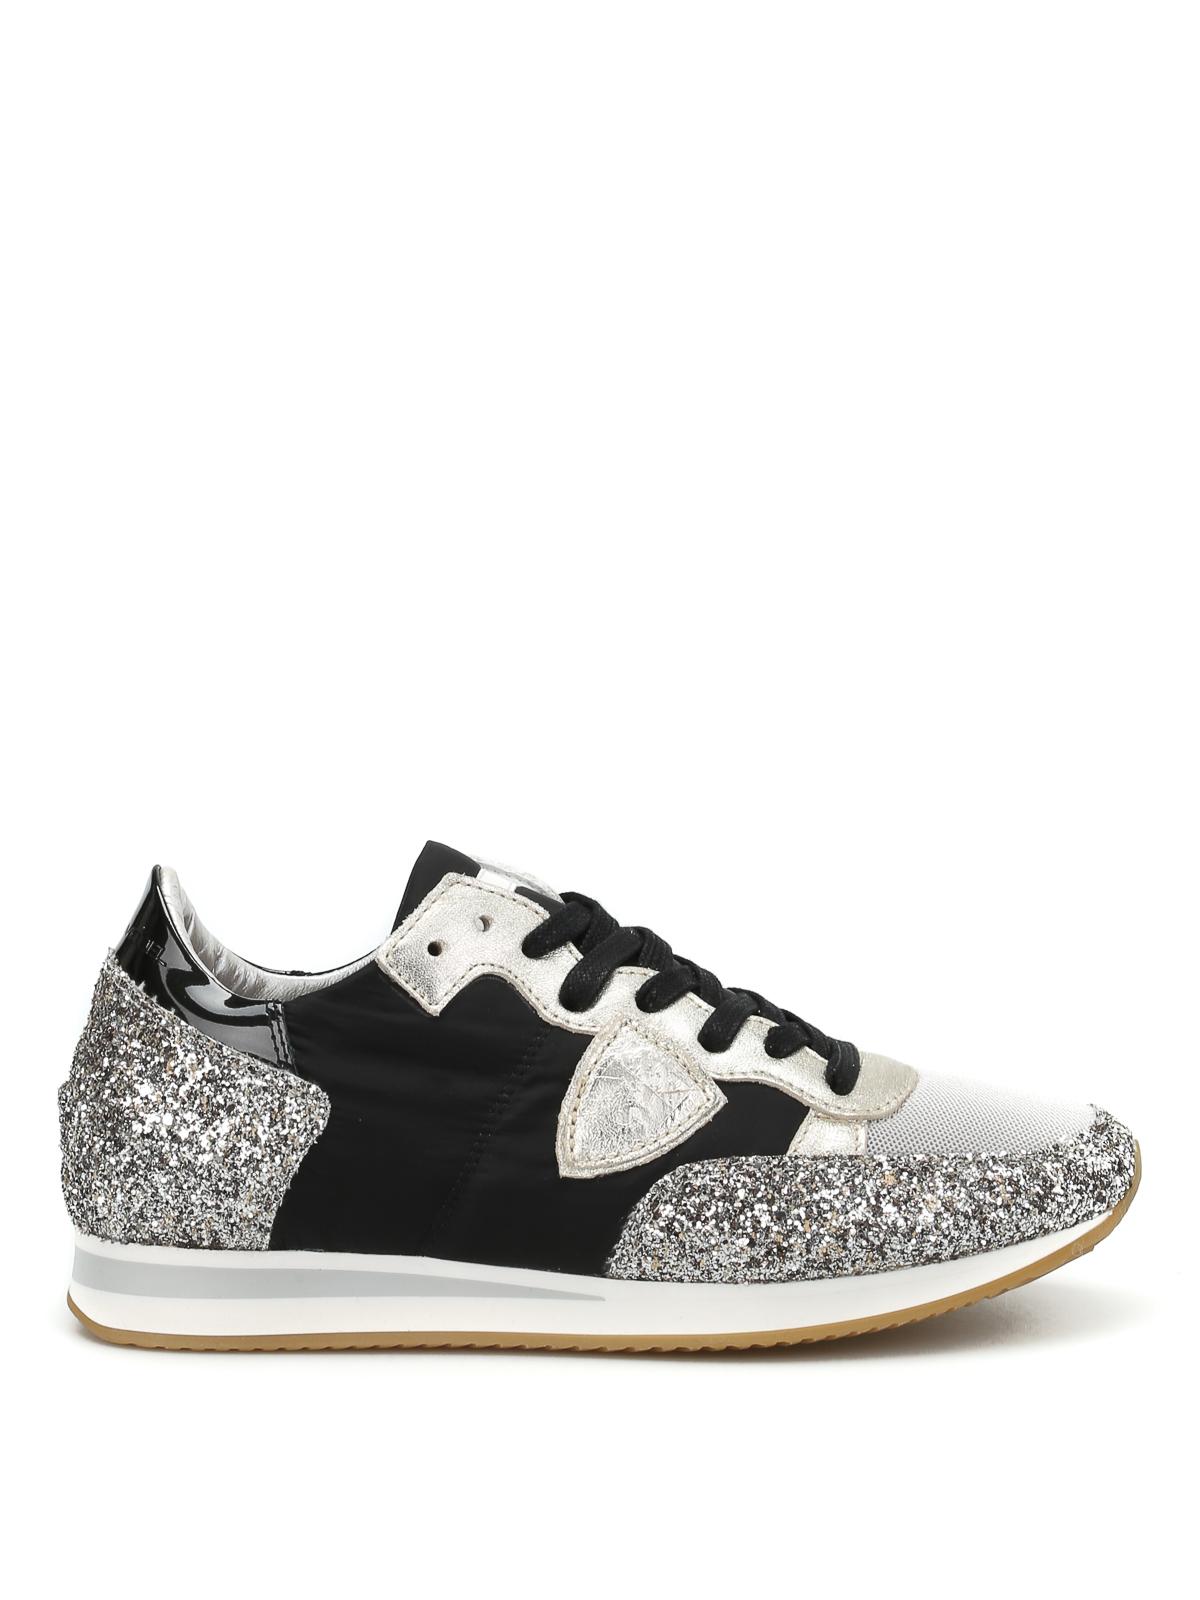 Tropez glitter detailed sneakers